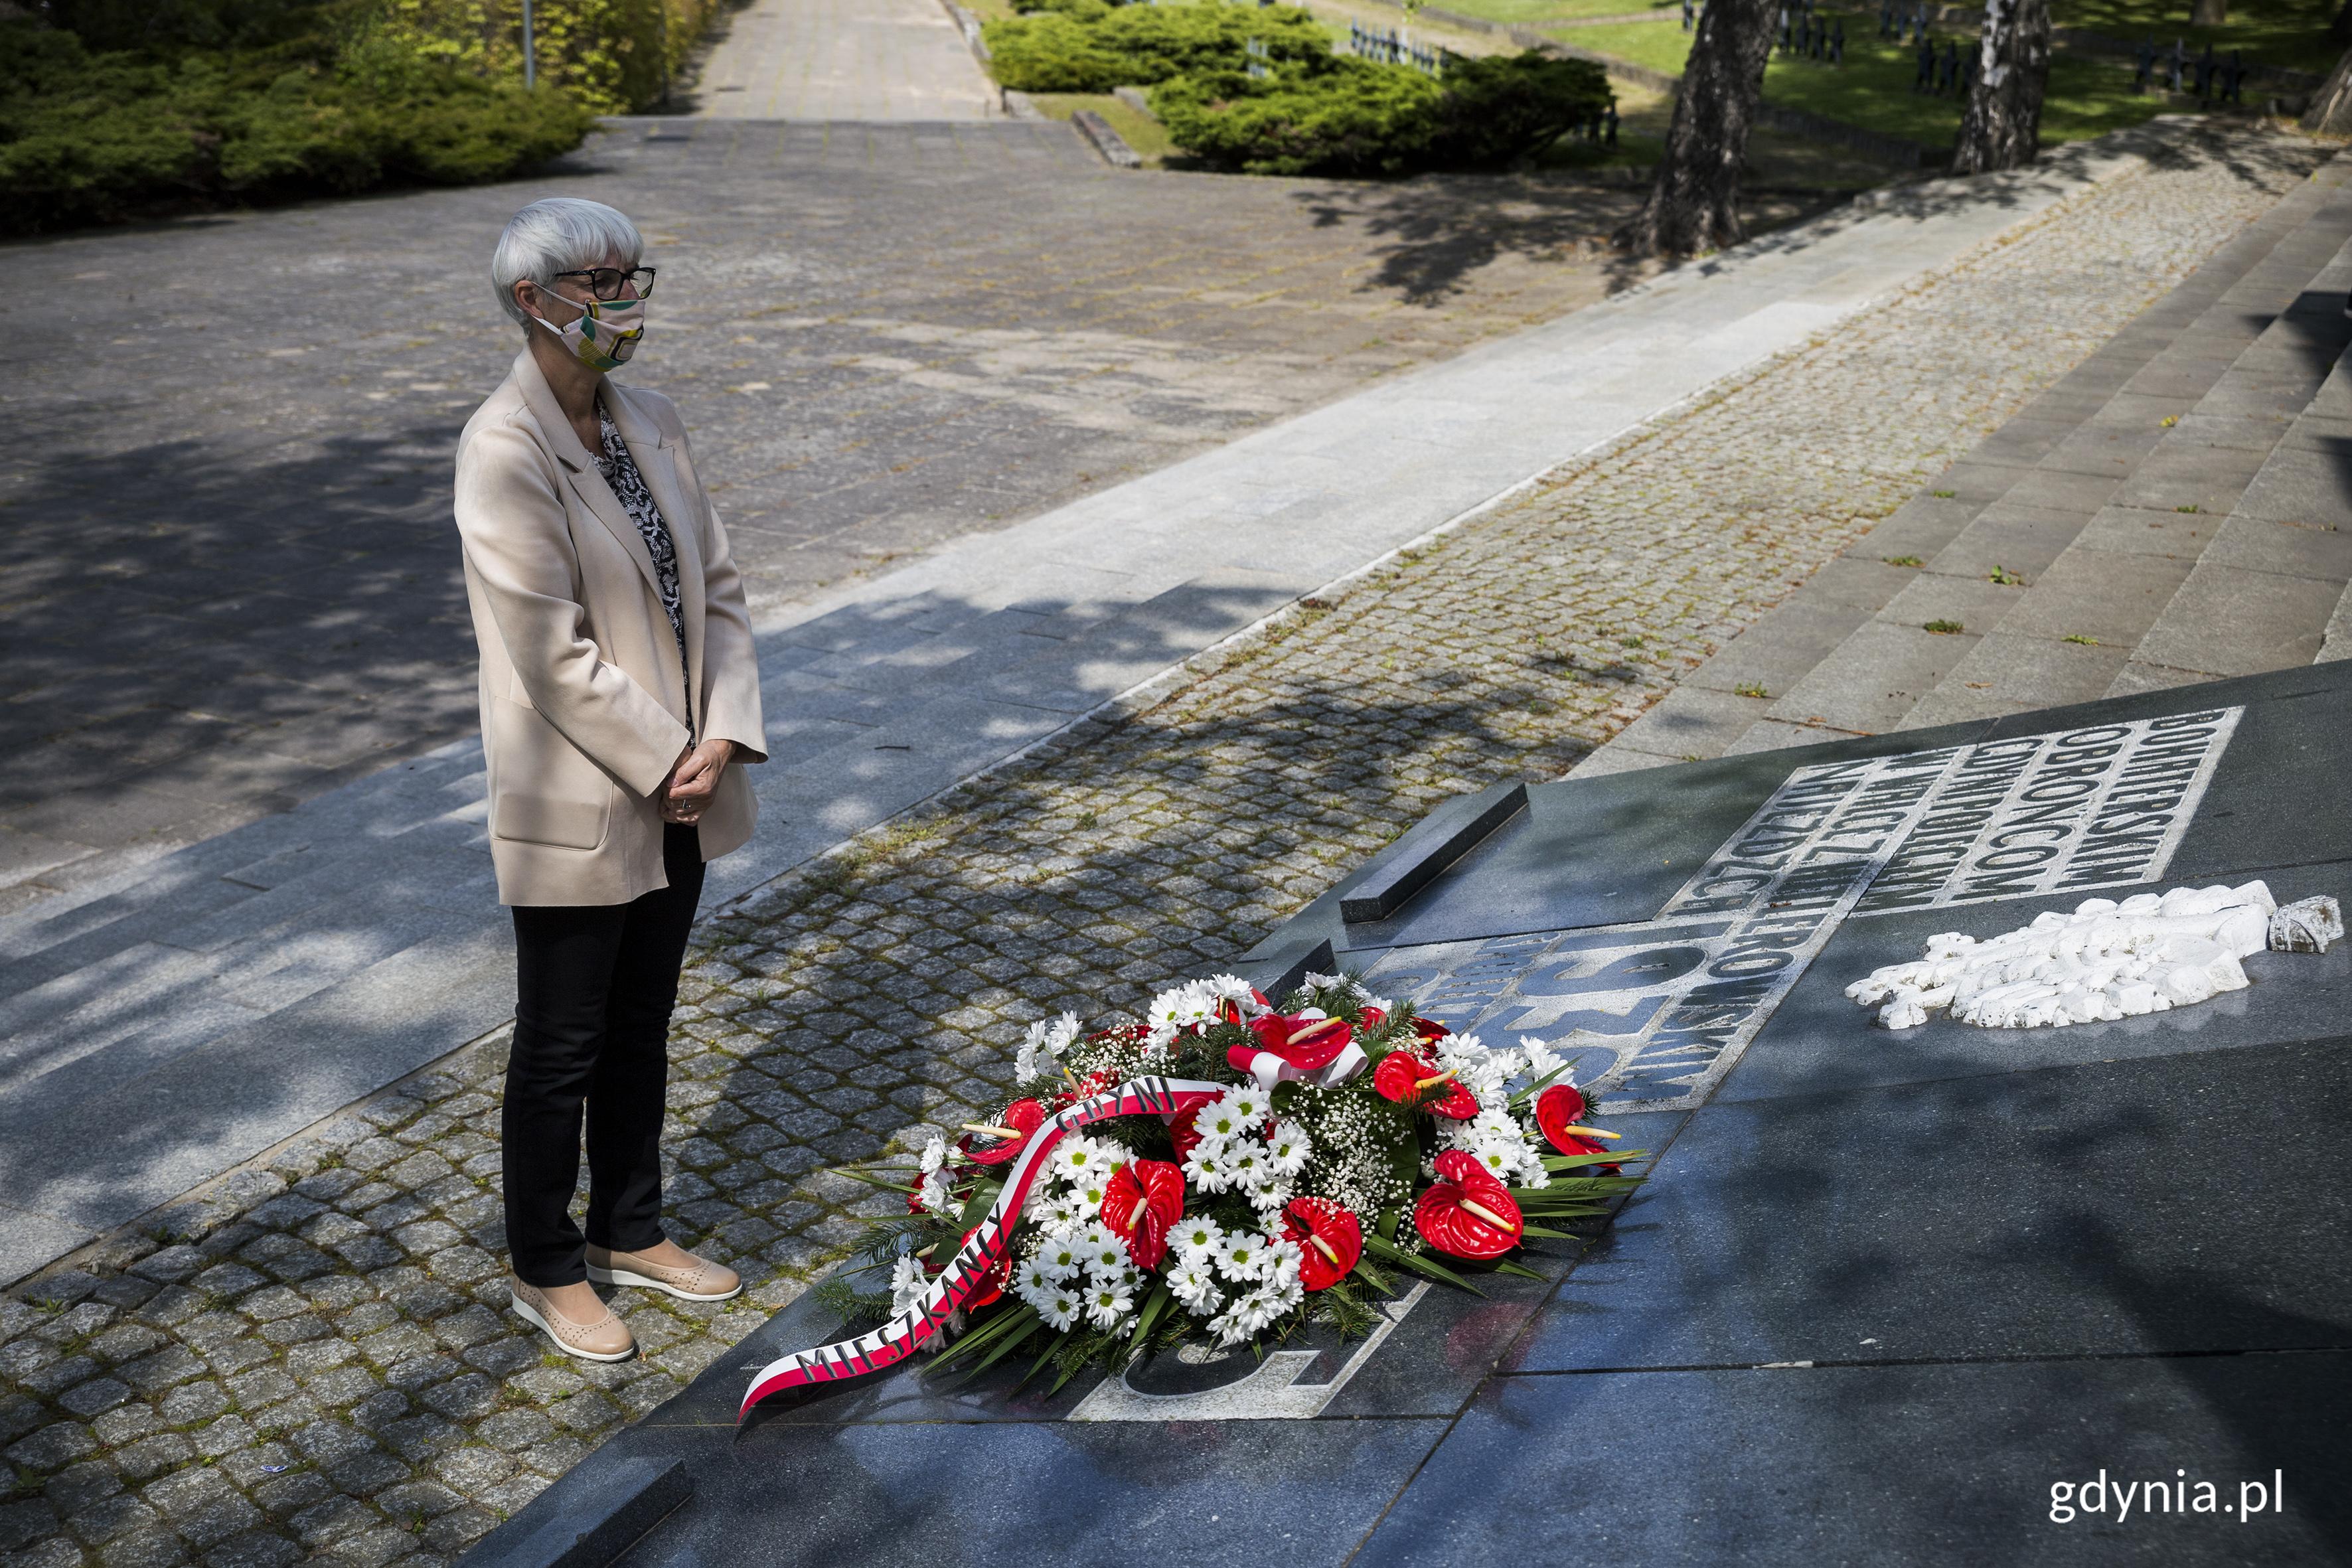 Przewodnicząca Rady Miasta Gdyni Joanna Zielińska złożyła wieniec na Cmentarzu im. Obrońców Wybrzeża/ fot. Przemysław Kozłowski